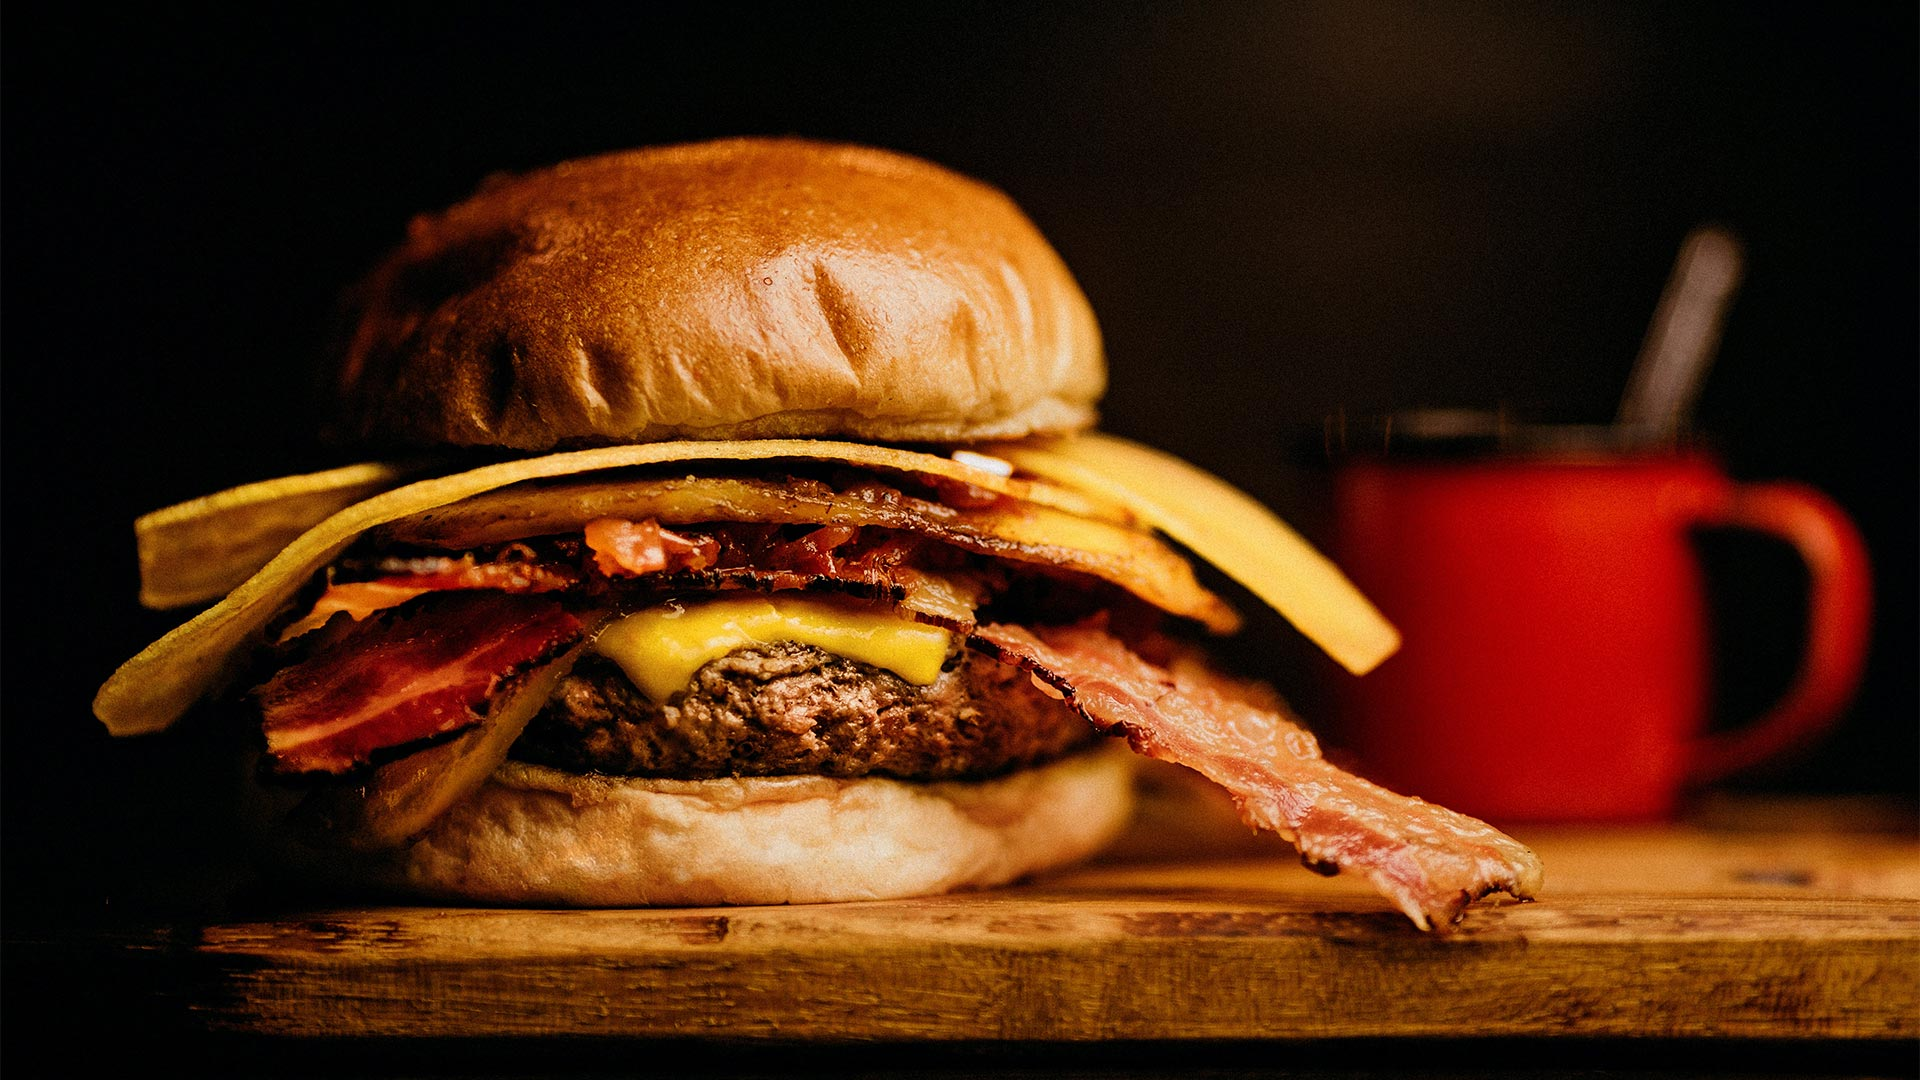 Mulligans hamburger and drink close up image